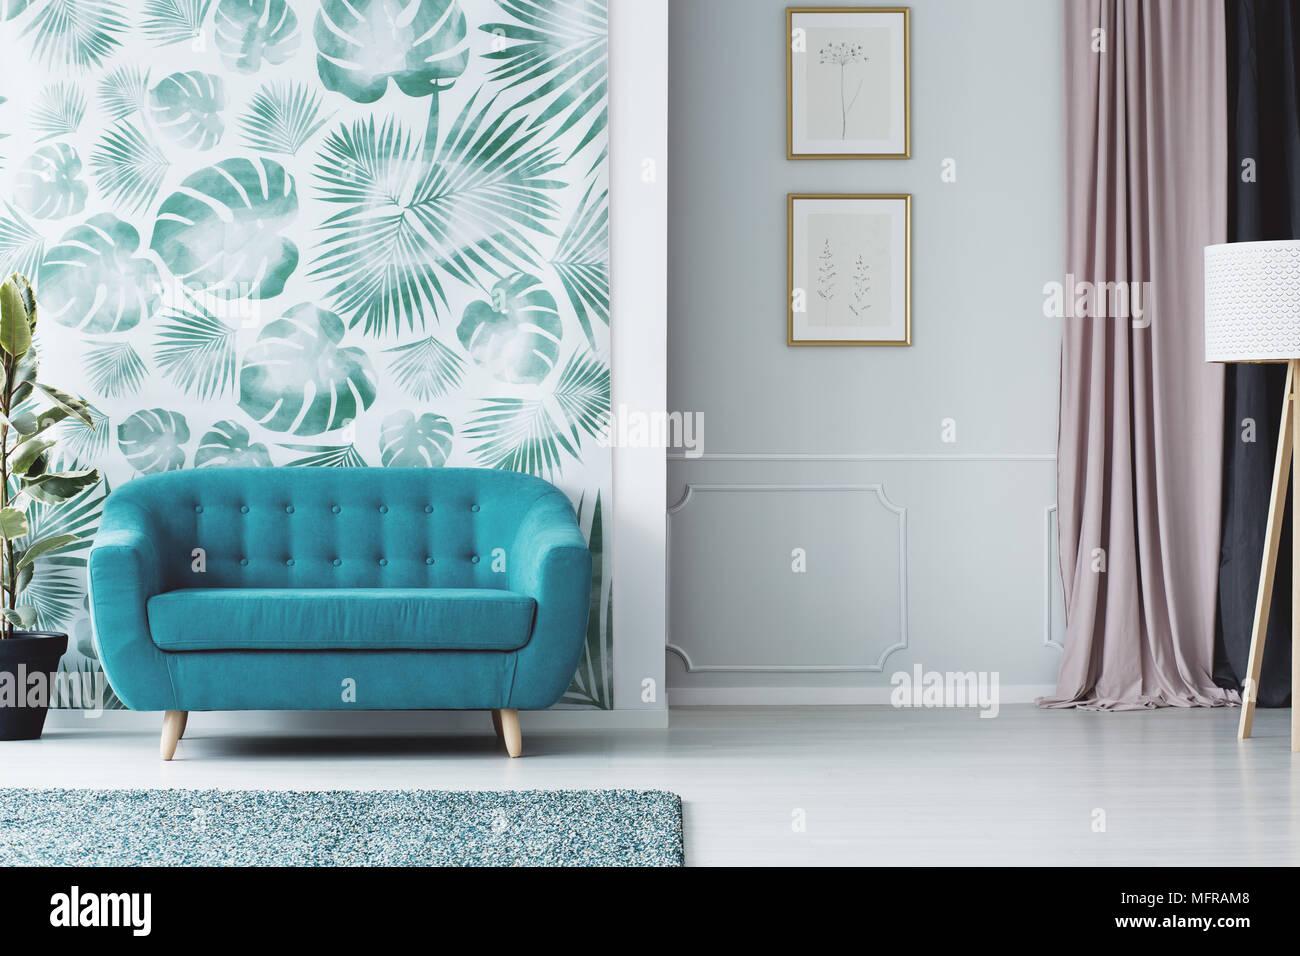 Türkis Sofa gegen grüne Tapete in farbenfrohen Wohnzimmer Interieur ...